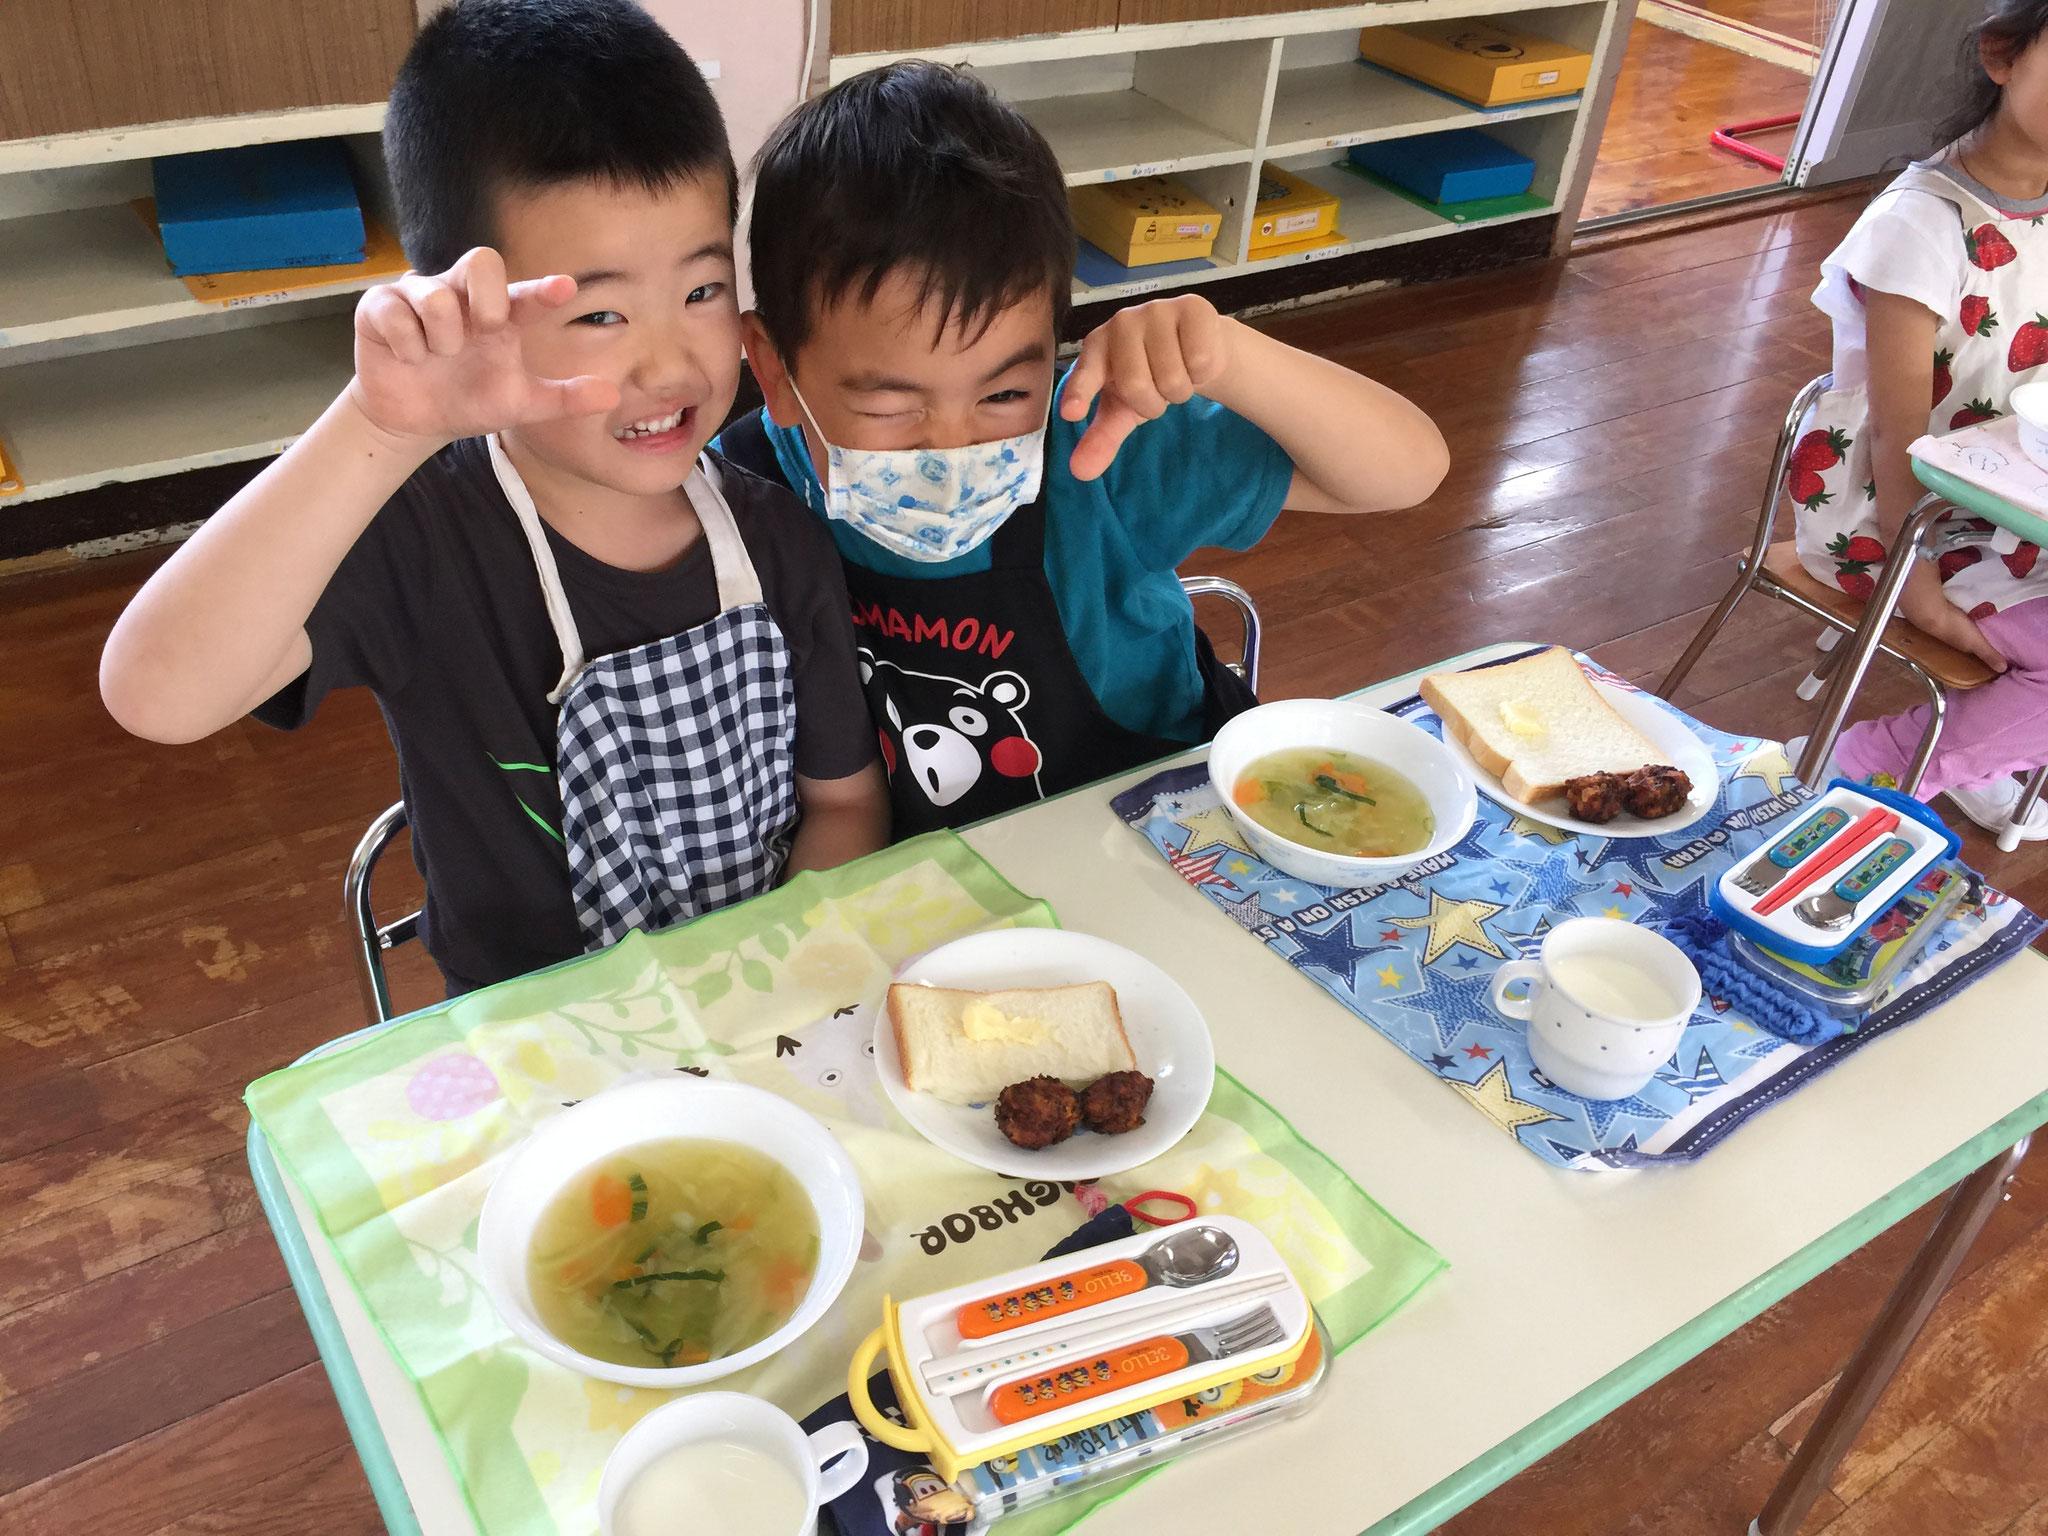 お友達と食べる時間が楽しいです。